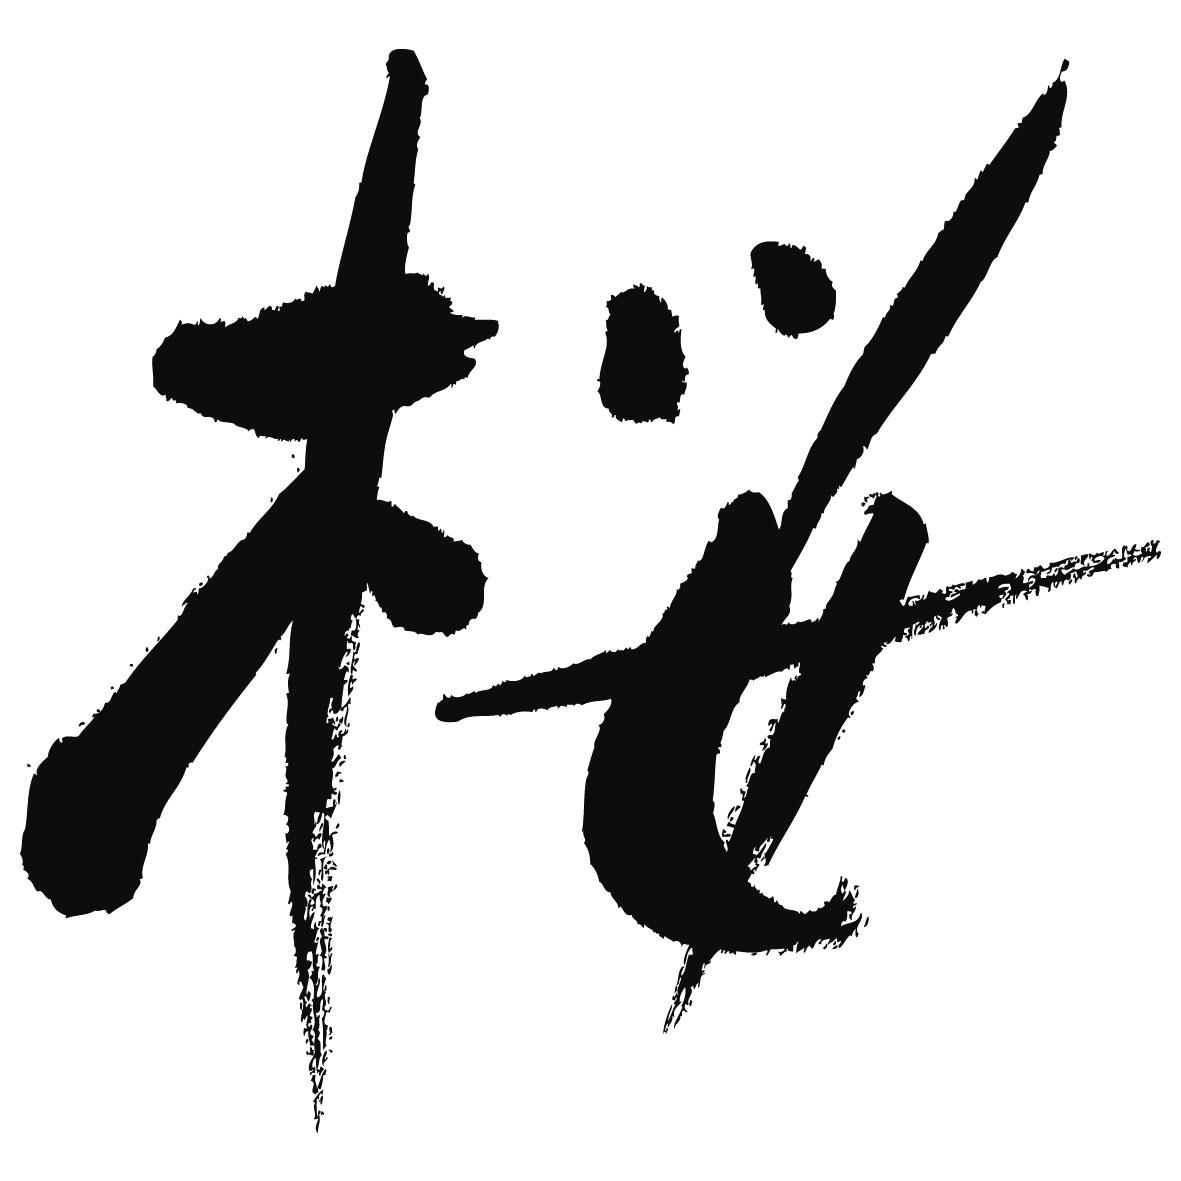 http://shinko-pk.co.jp/blog/sakura_1_170307.jpg